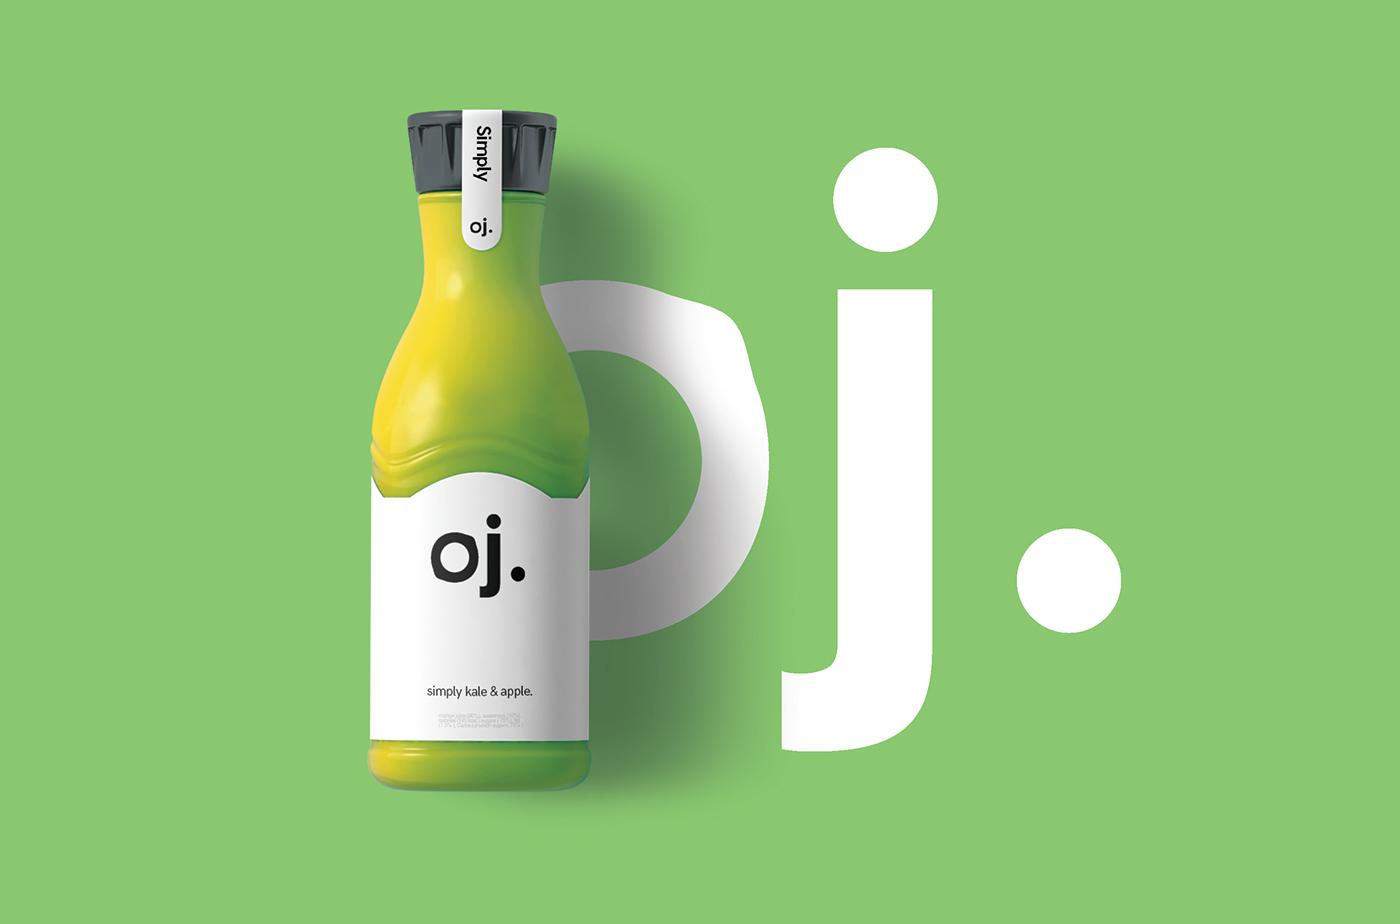 饮料品牌设计欣赏 Oj. – Branding Concept 所属类别:品牌设计、品牌视觉、品牌识别、包装、饮料